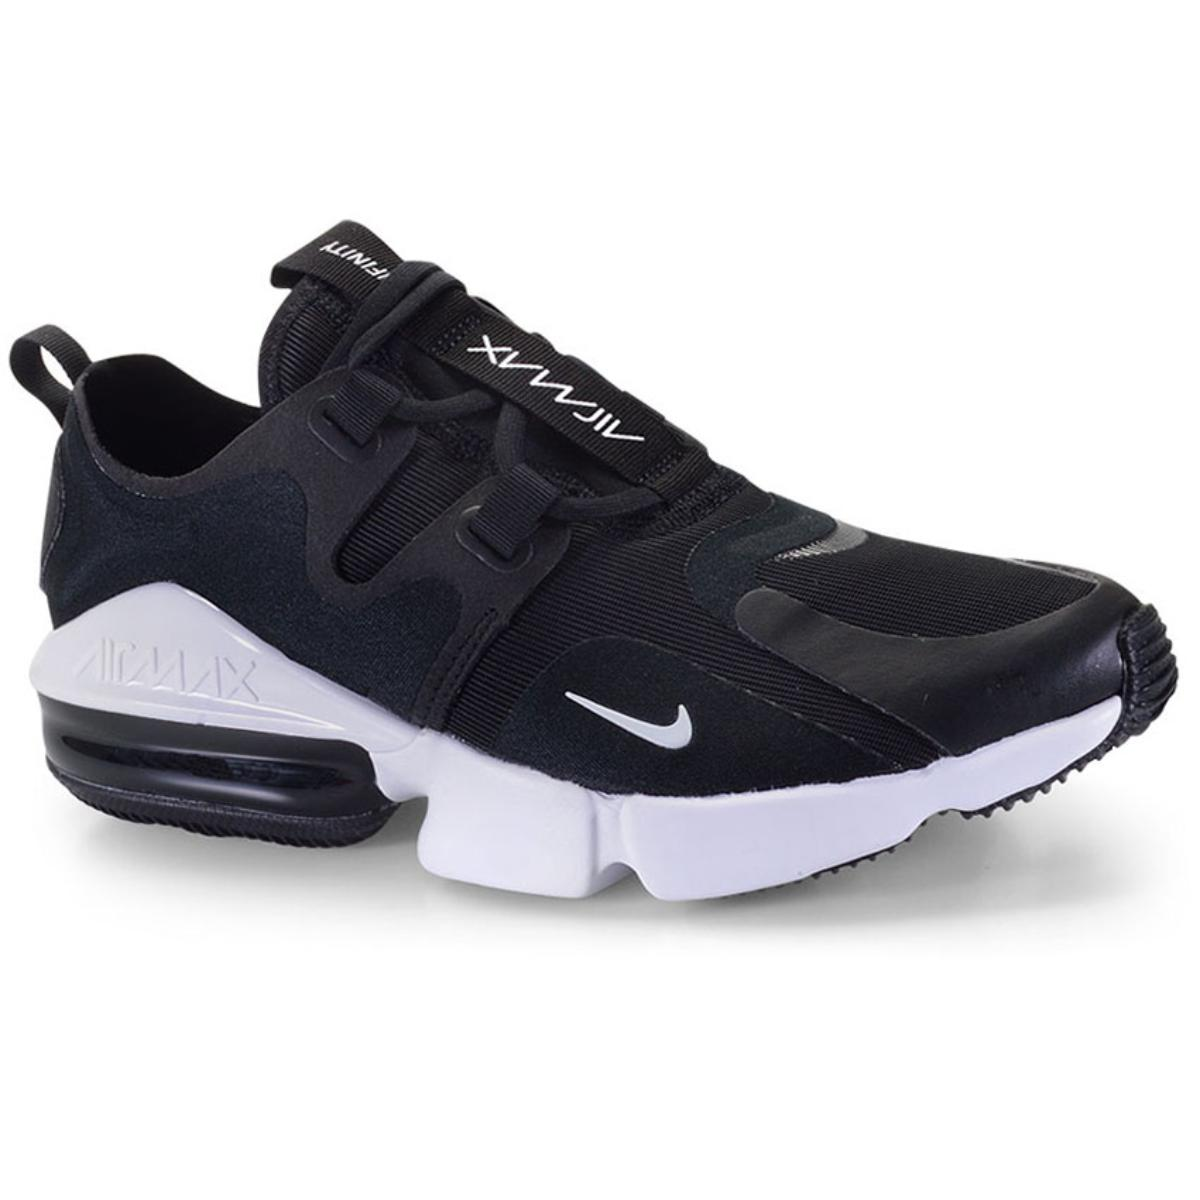 Tênis Masculino Nike Bq3999-003 Air Max Infinity Preto/branco